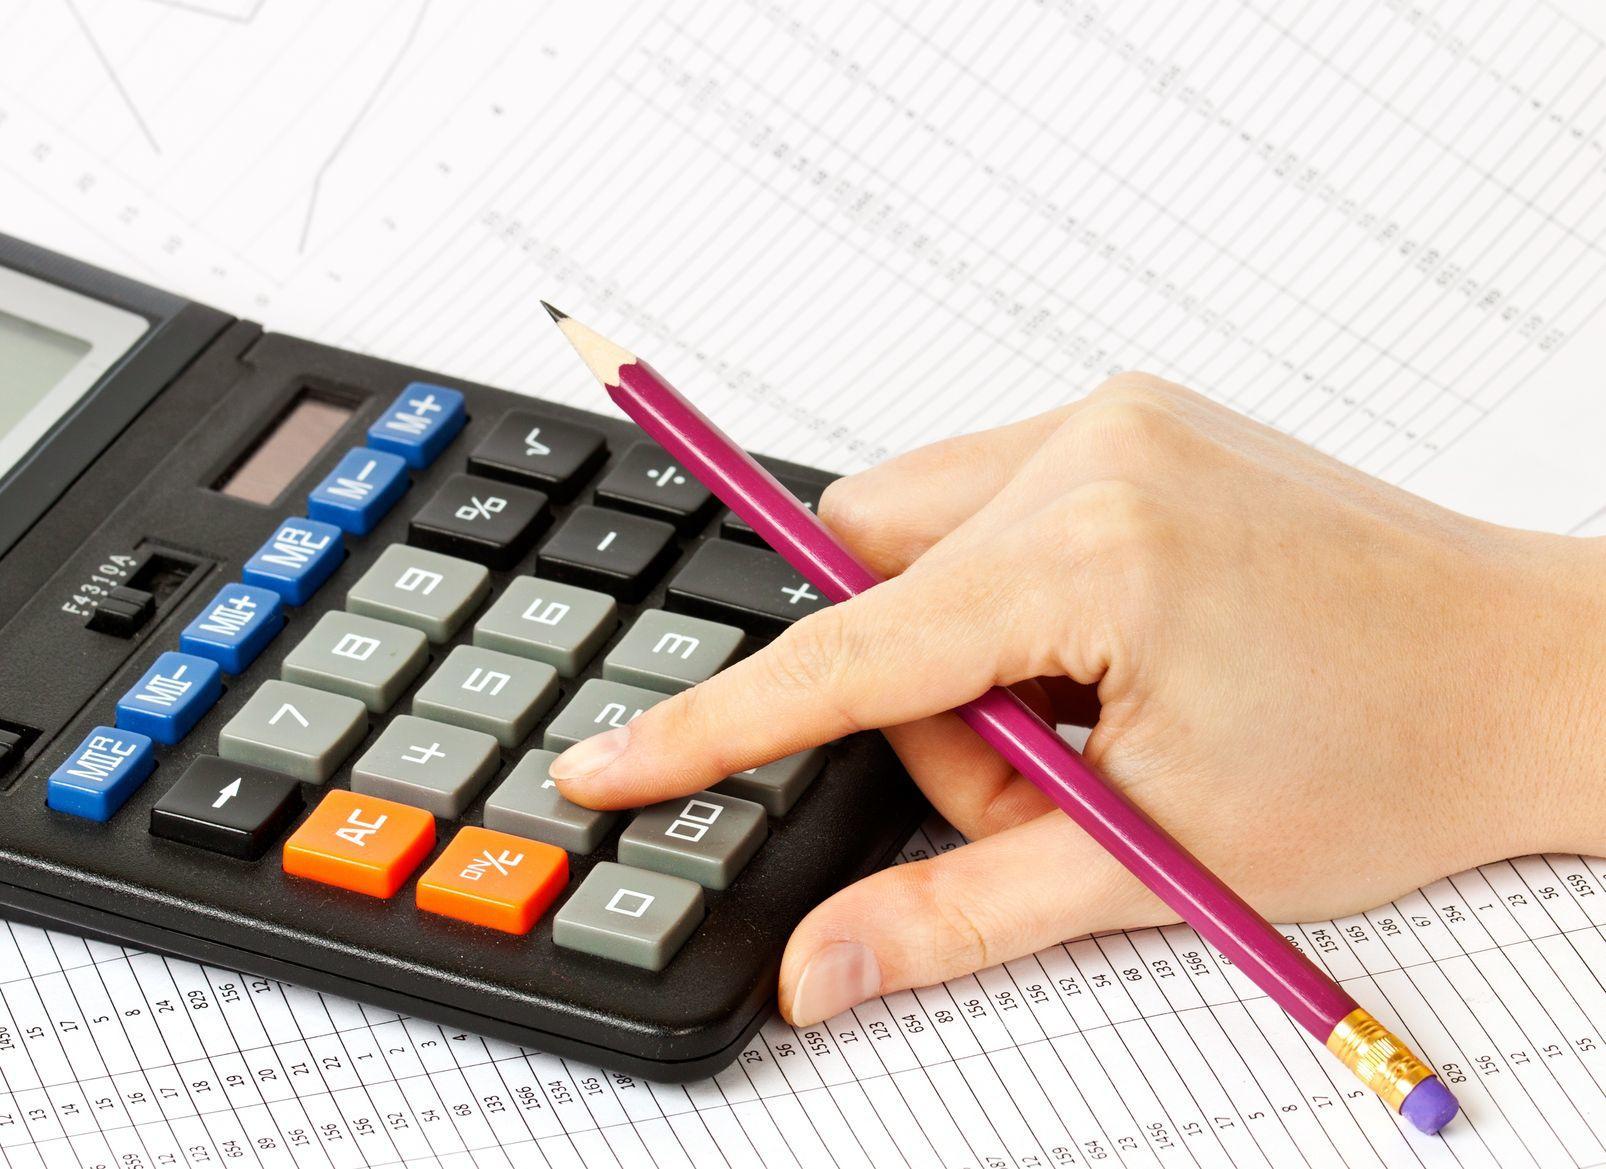 利益の出る販売価格設定(プライシング)の方法とは?